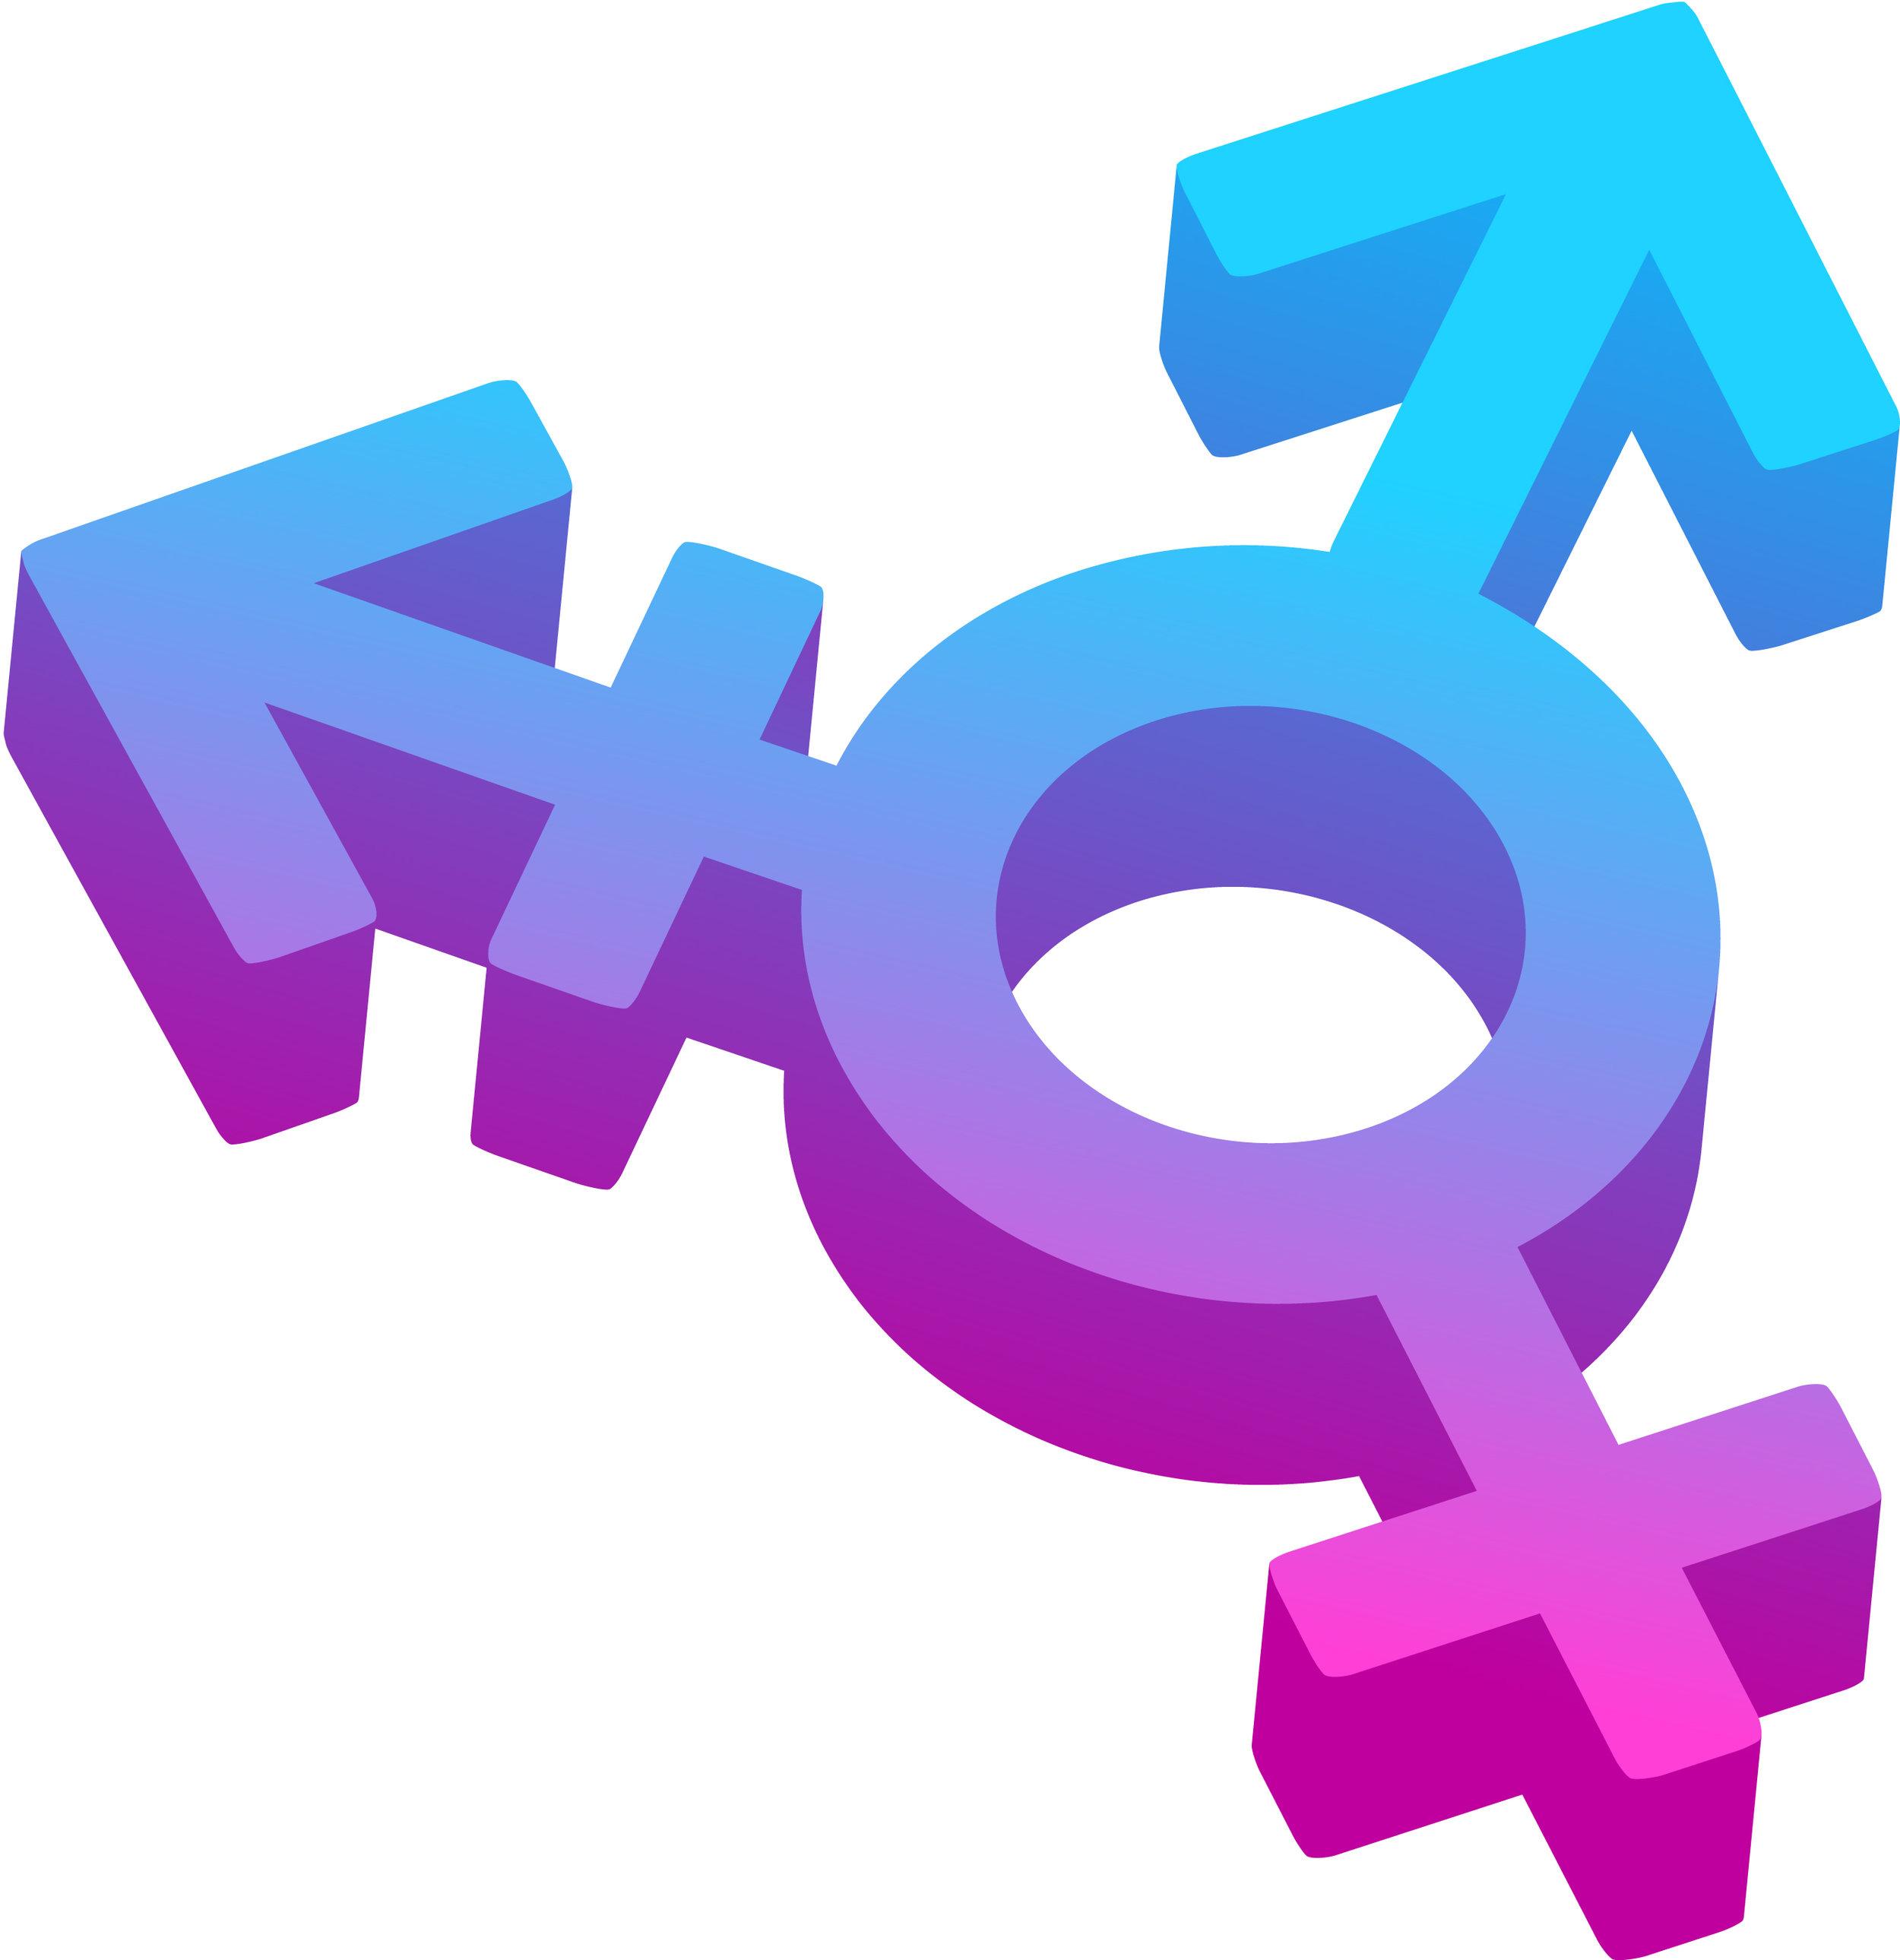 transgender-symbol.jpg